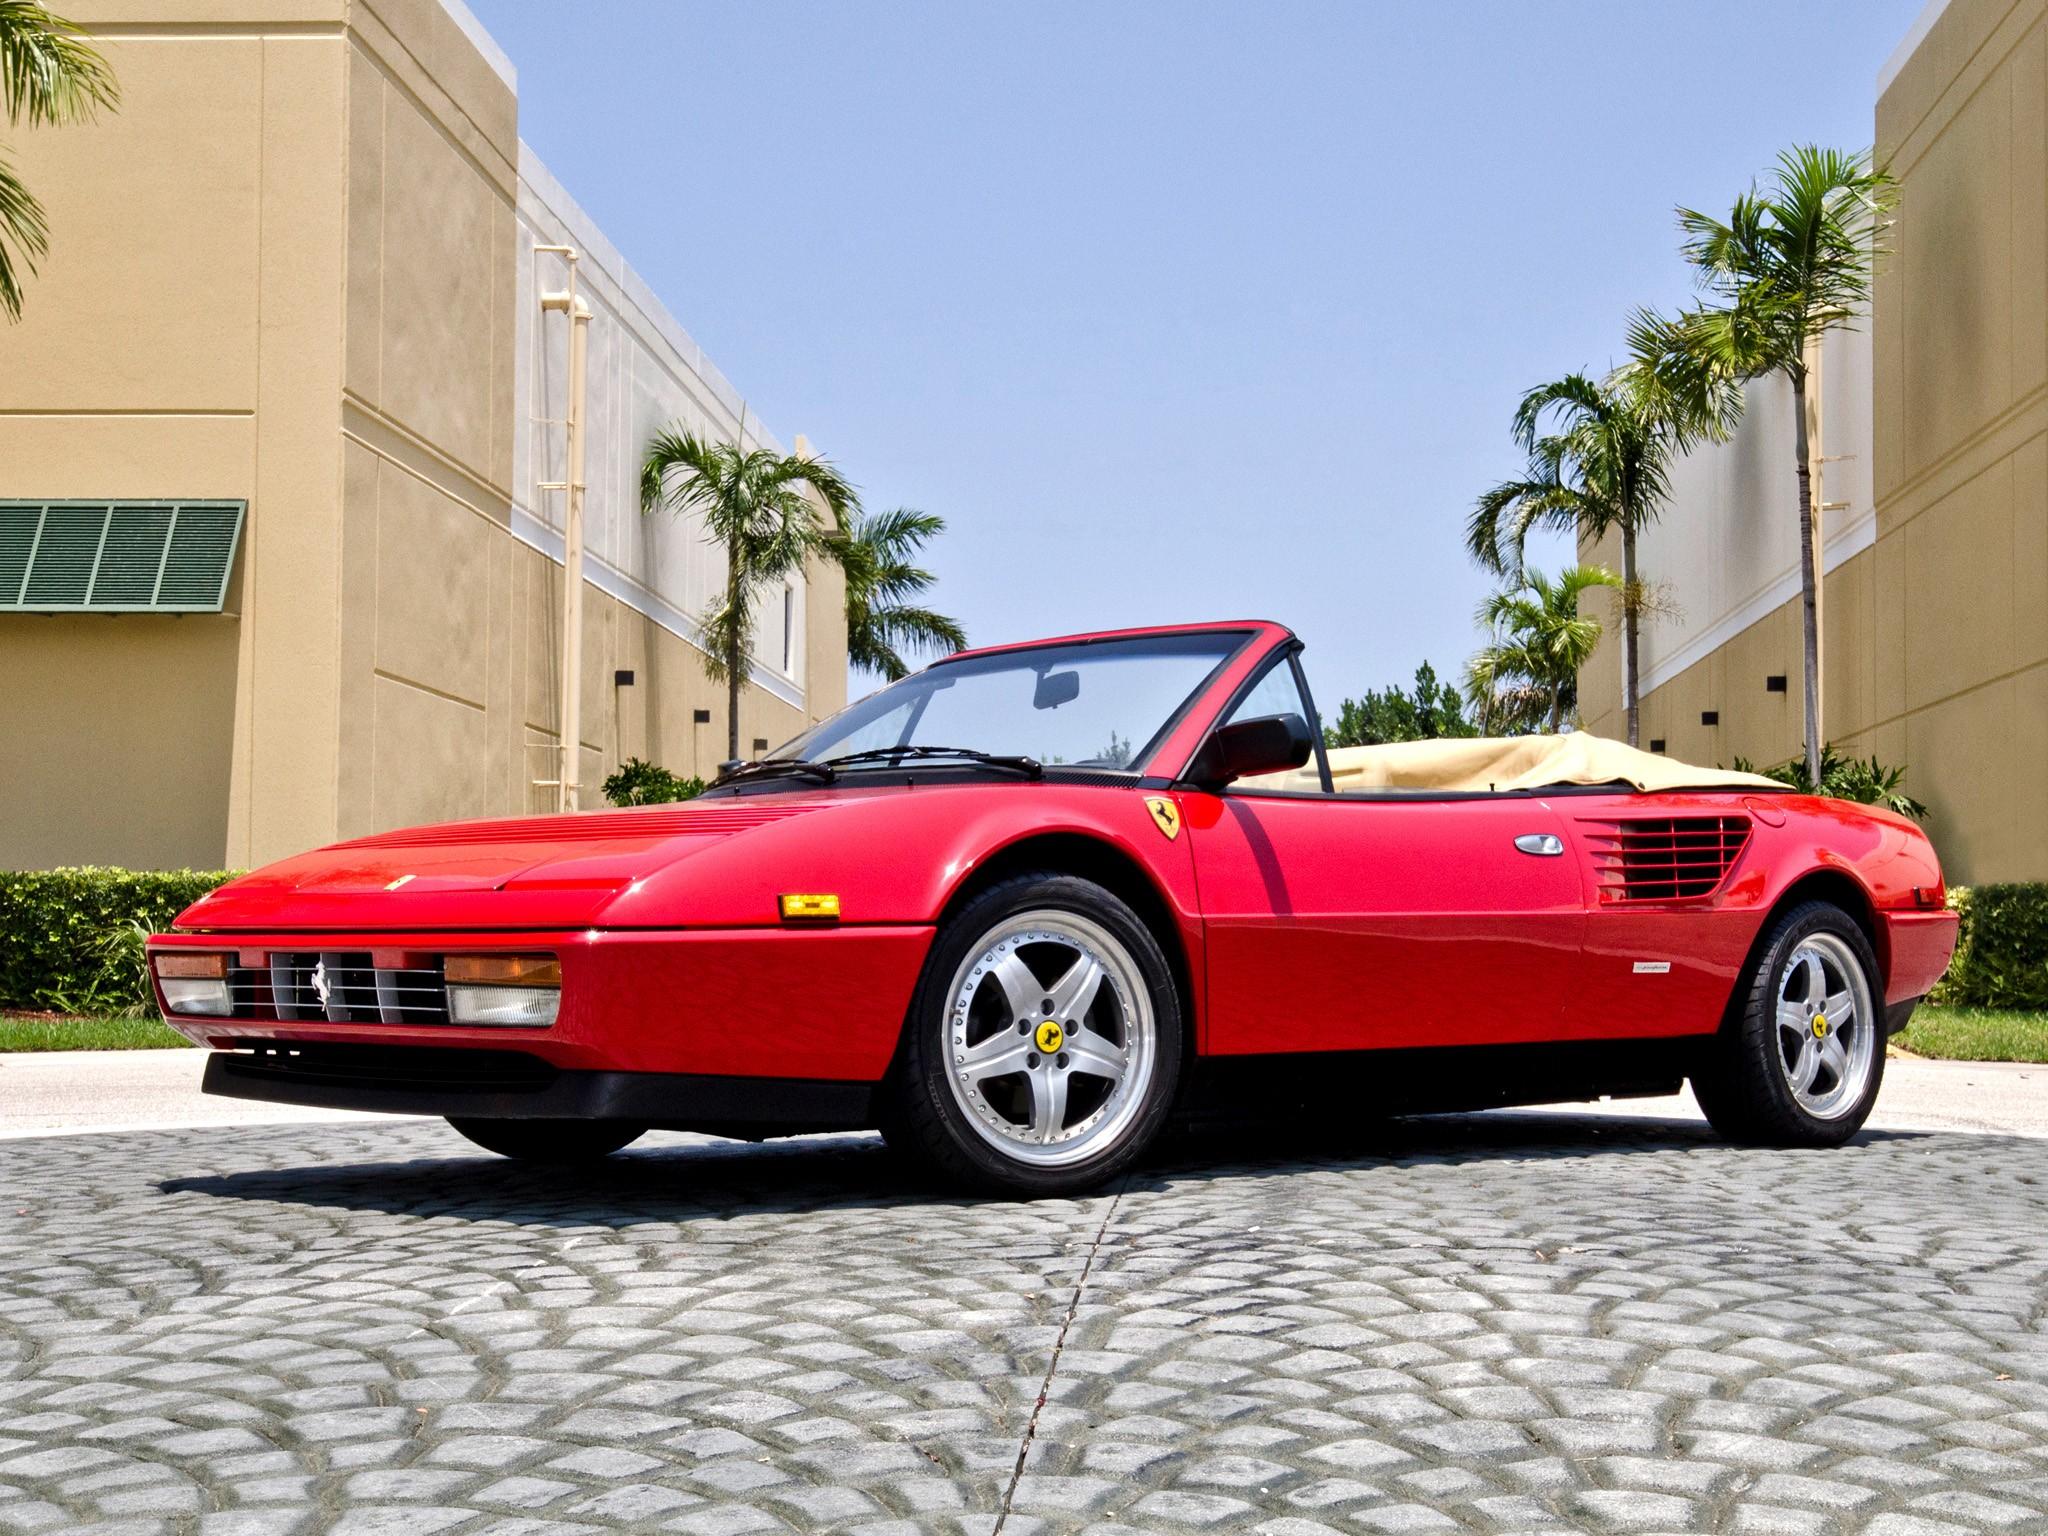 Ferrari Mondial 3 2 Cabriolet Specs 1985 1986 1987